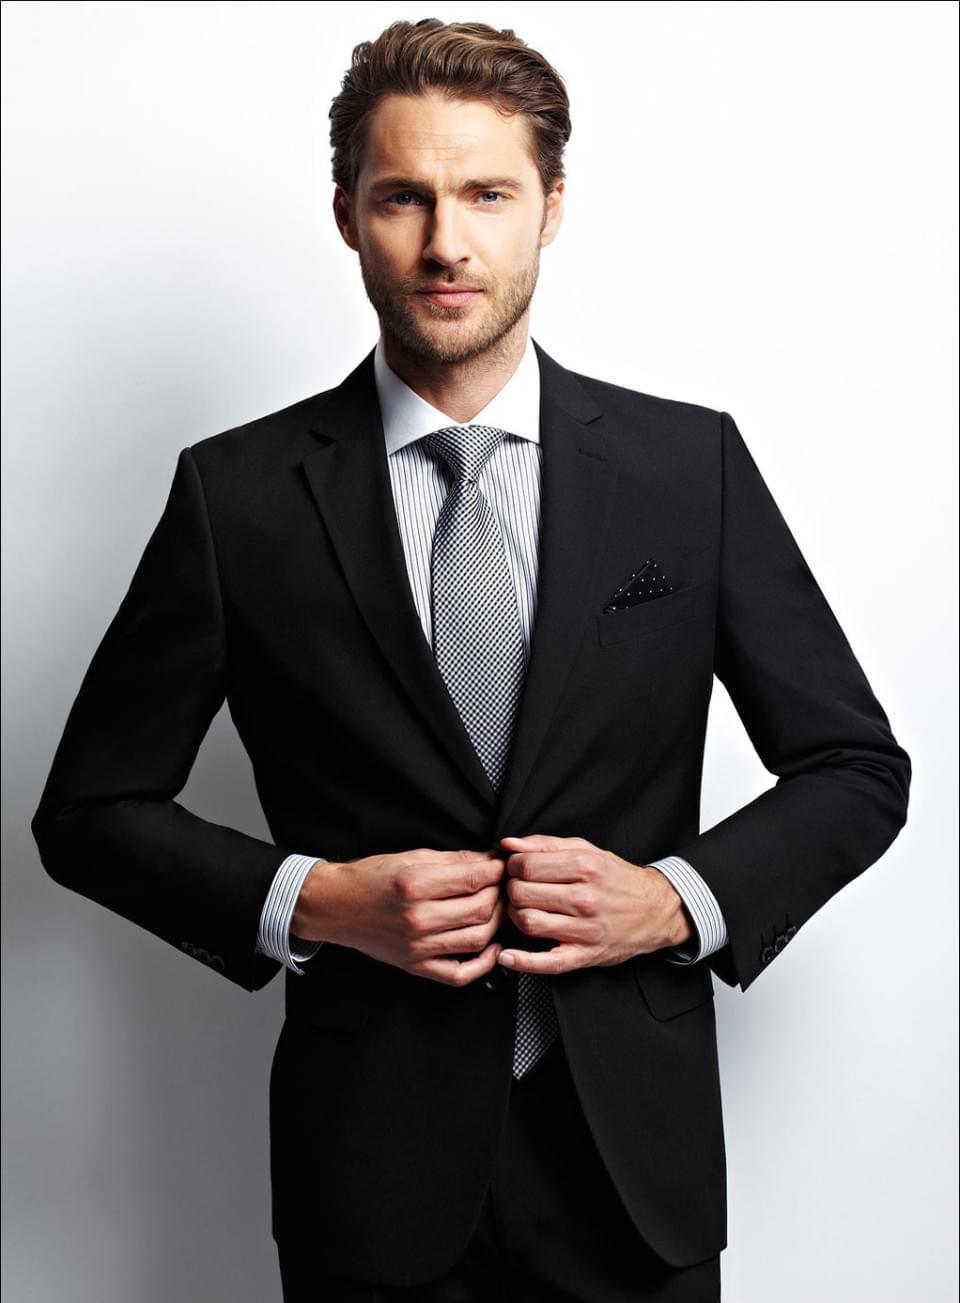 e29029fa38827 Strój Pana Młodego – jaki garnitur na wesele? (Gotowe stylizacje)